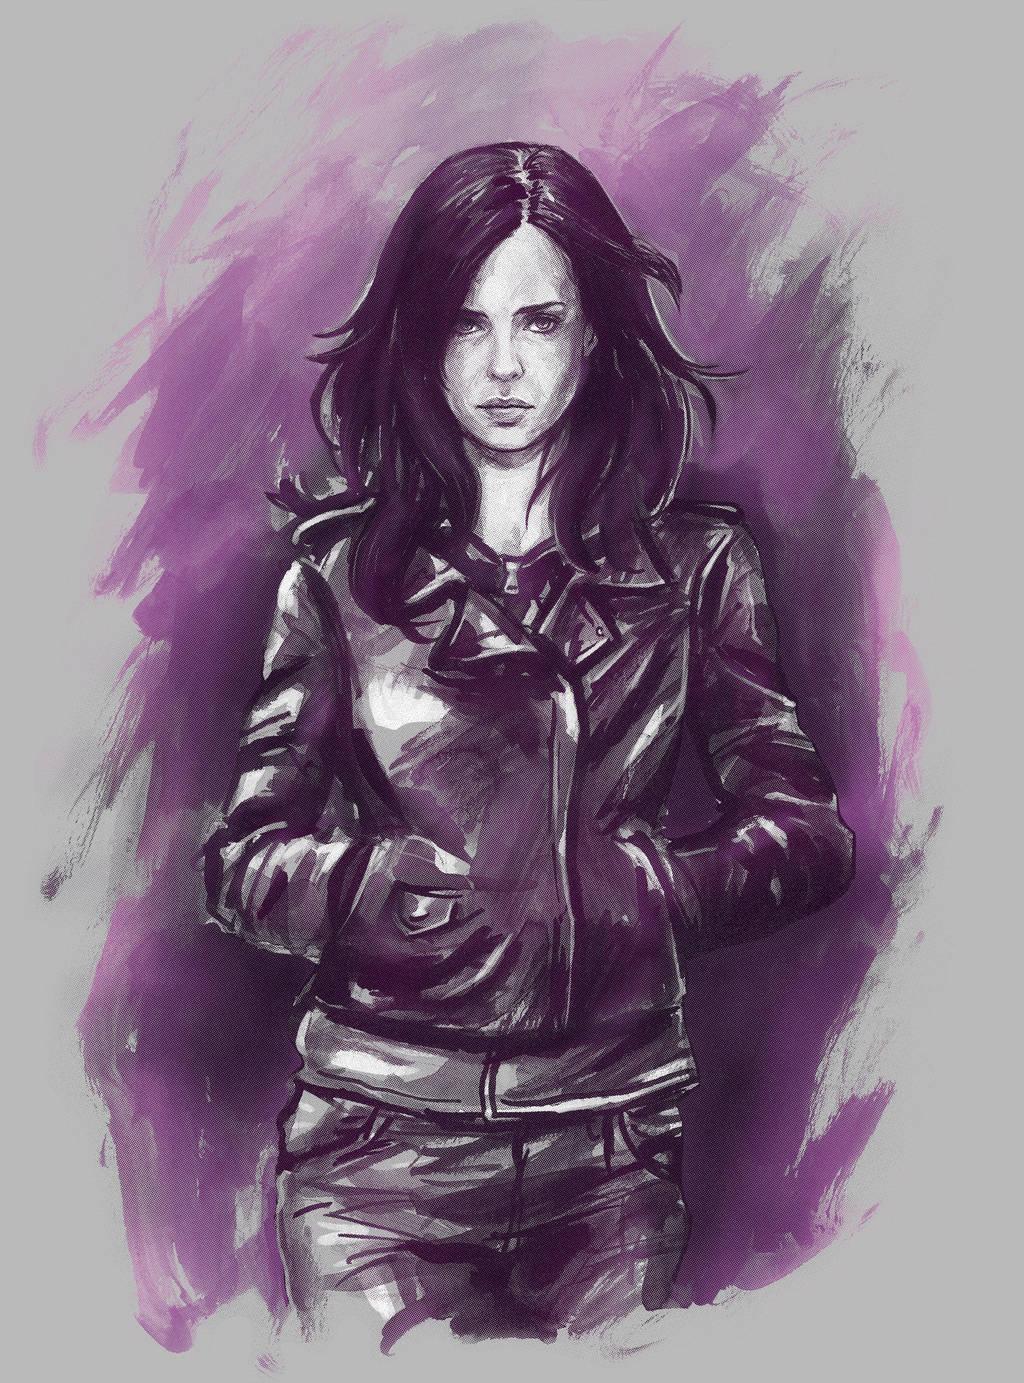 Jessica Jones by mcguinnessjohn